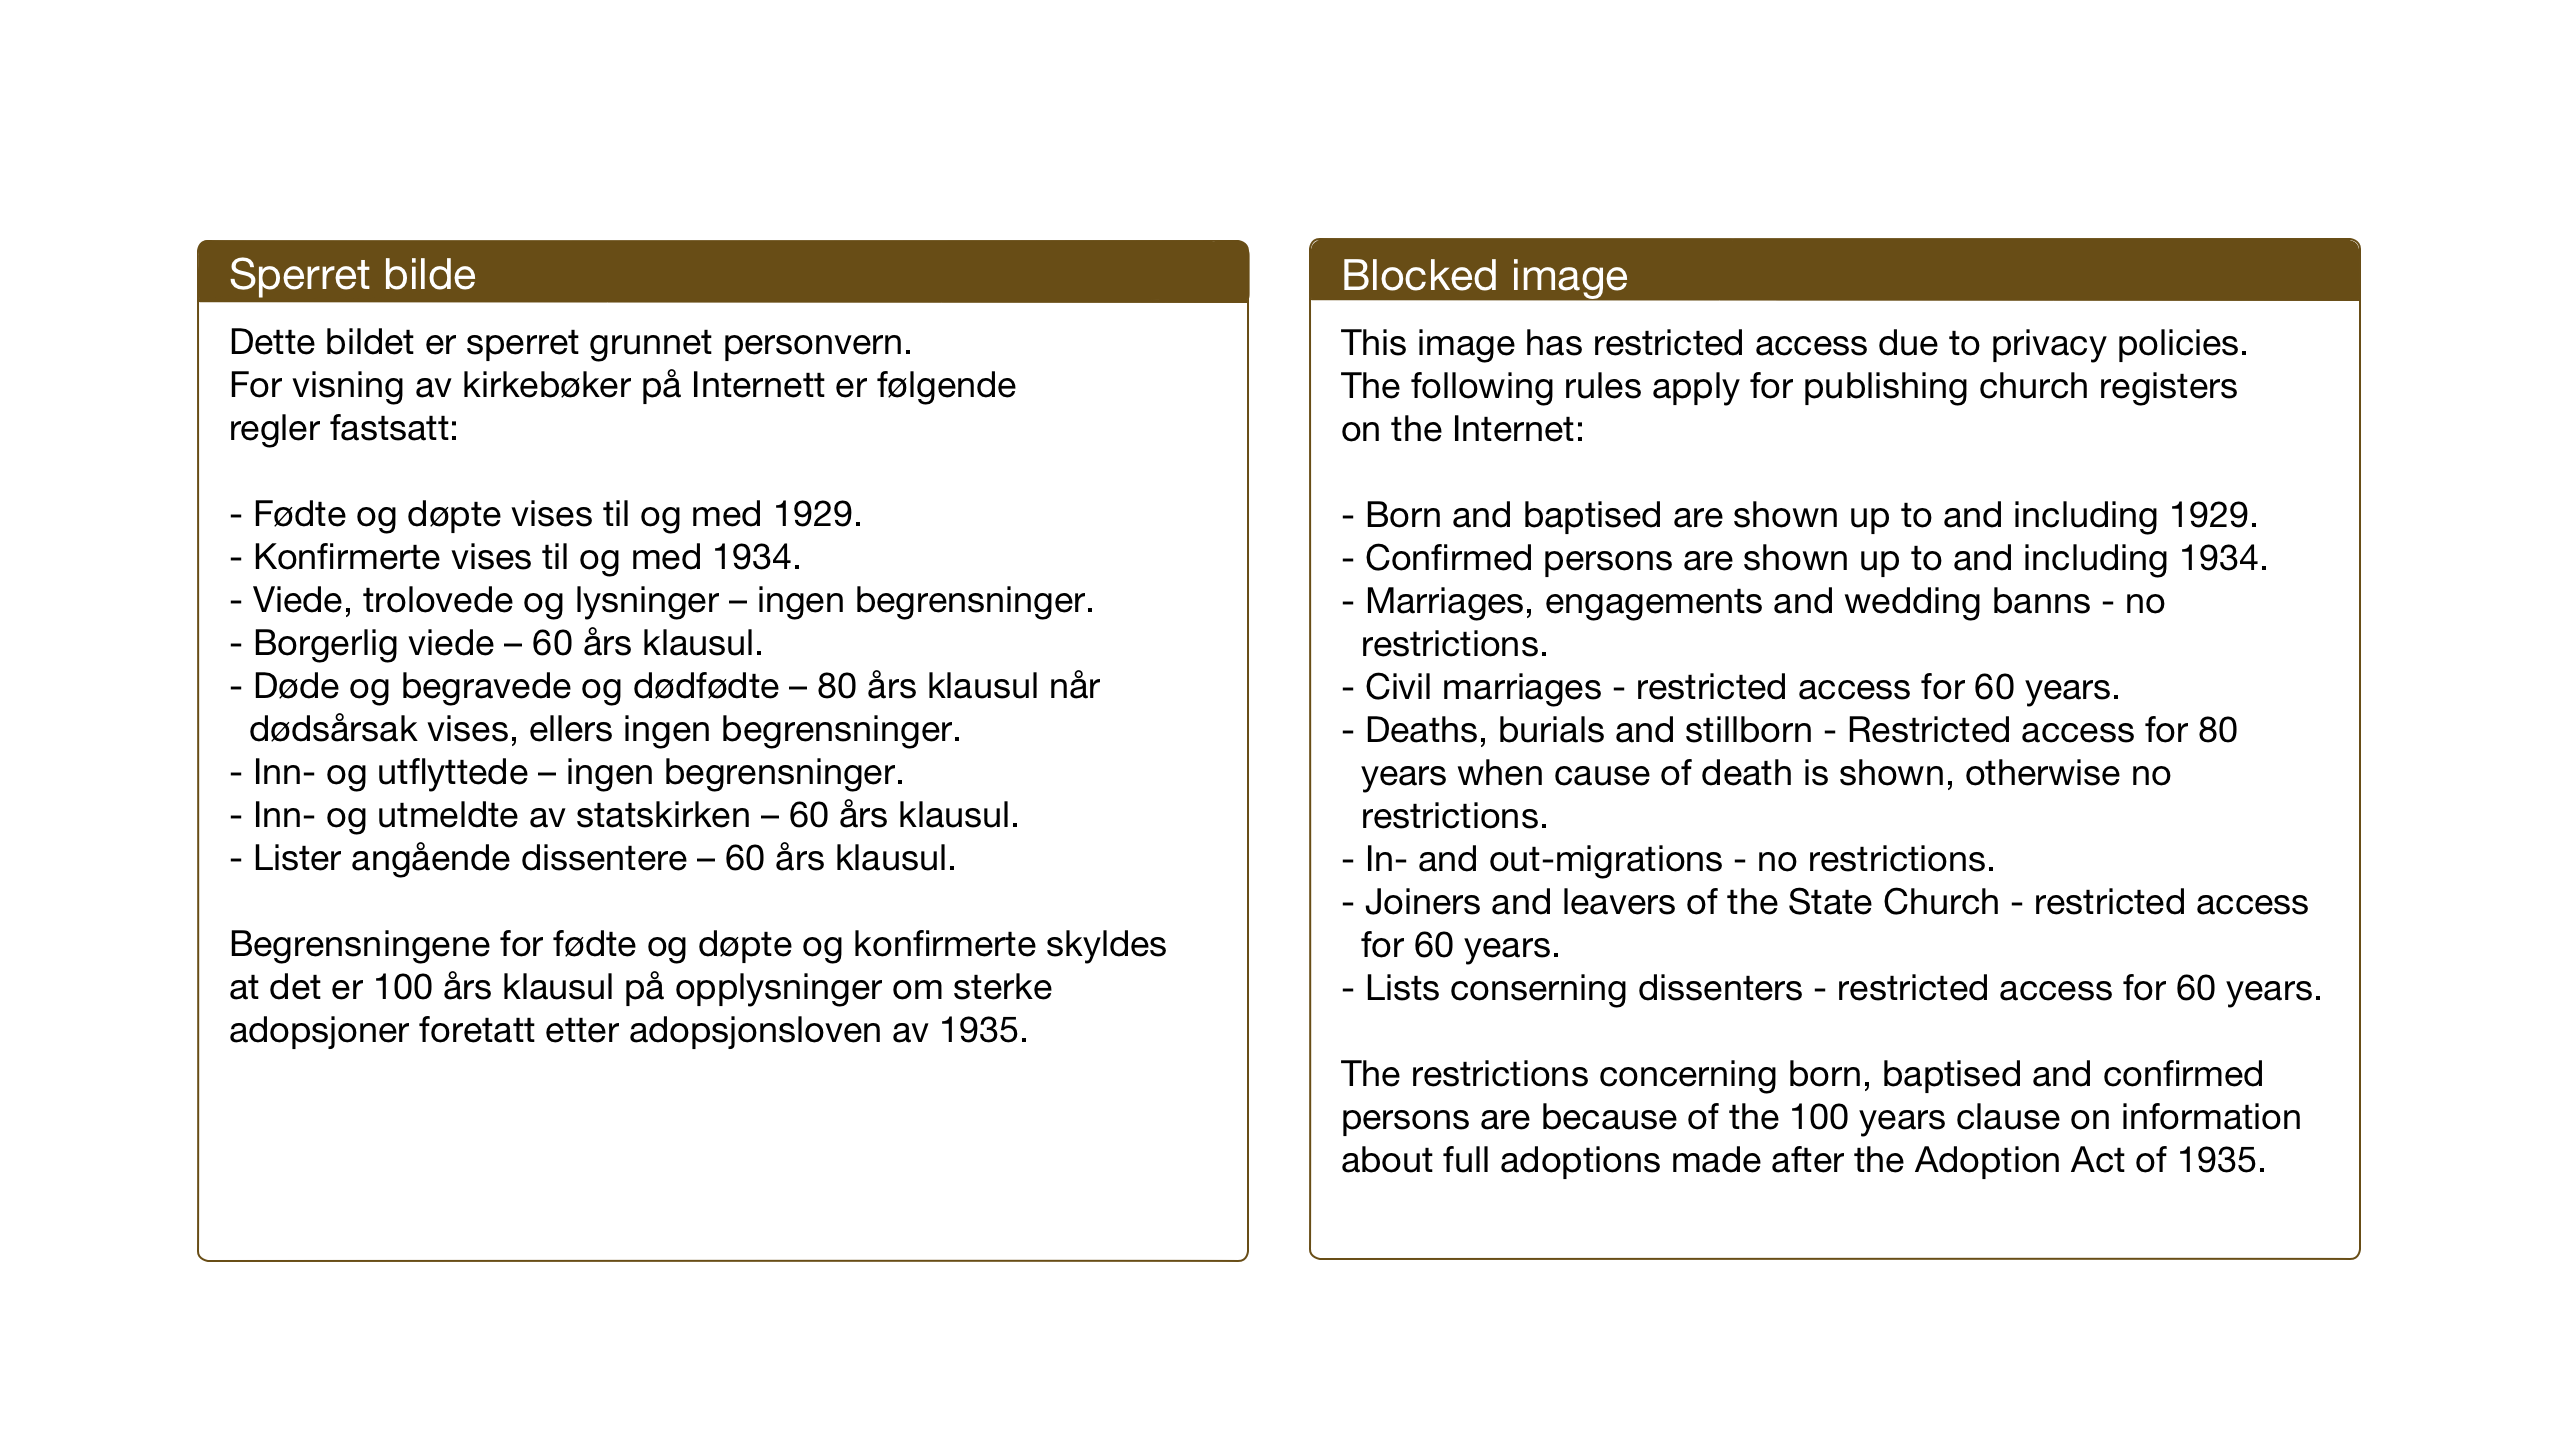 SAT, Ministerialprotokoller, klokkerbøker og fødselsregistre - Sør-Trøndelag, 616/L0424: Klokkerbok nr. 616C07, 1904-1940, s. 56